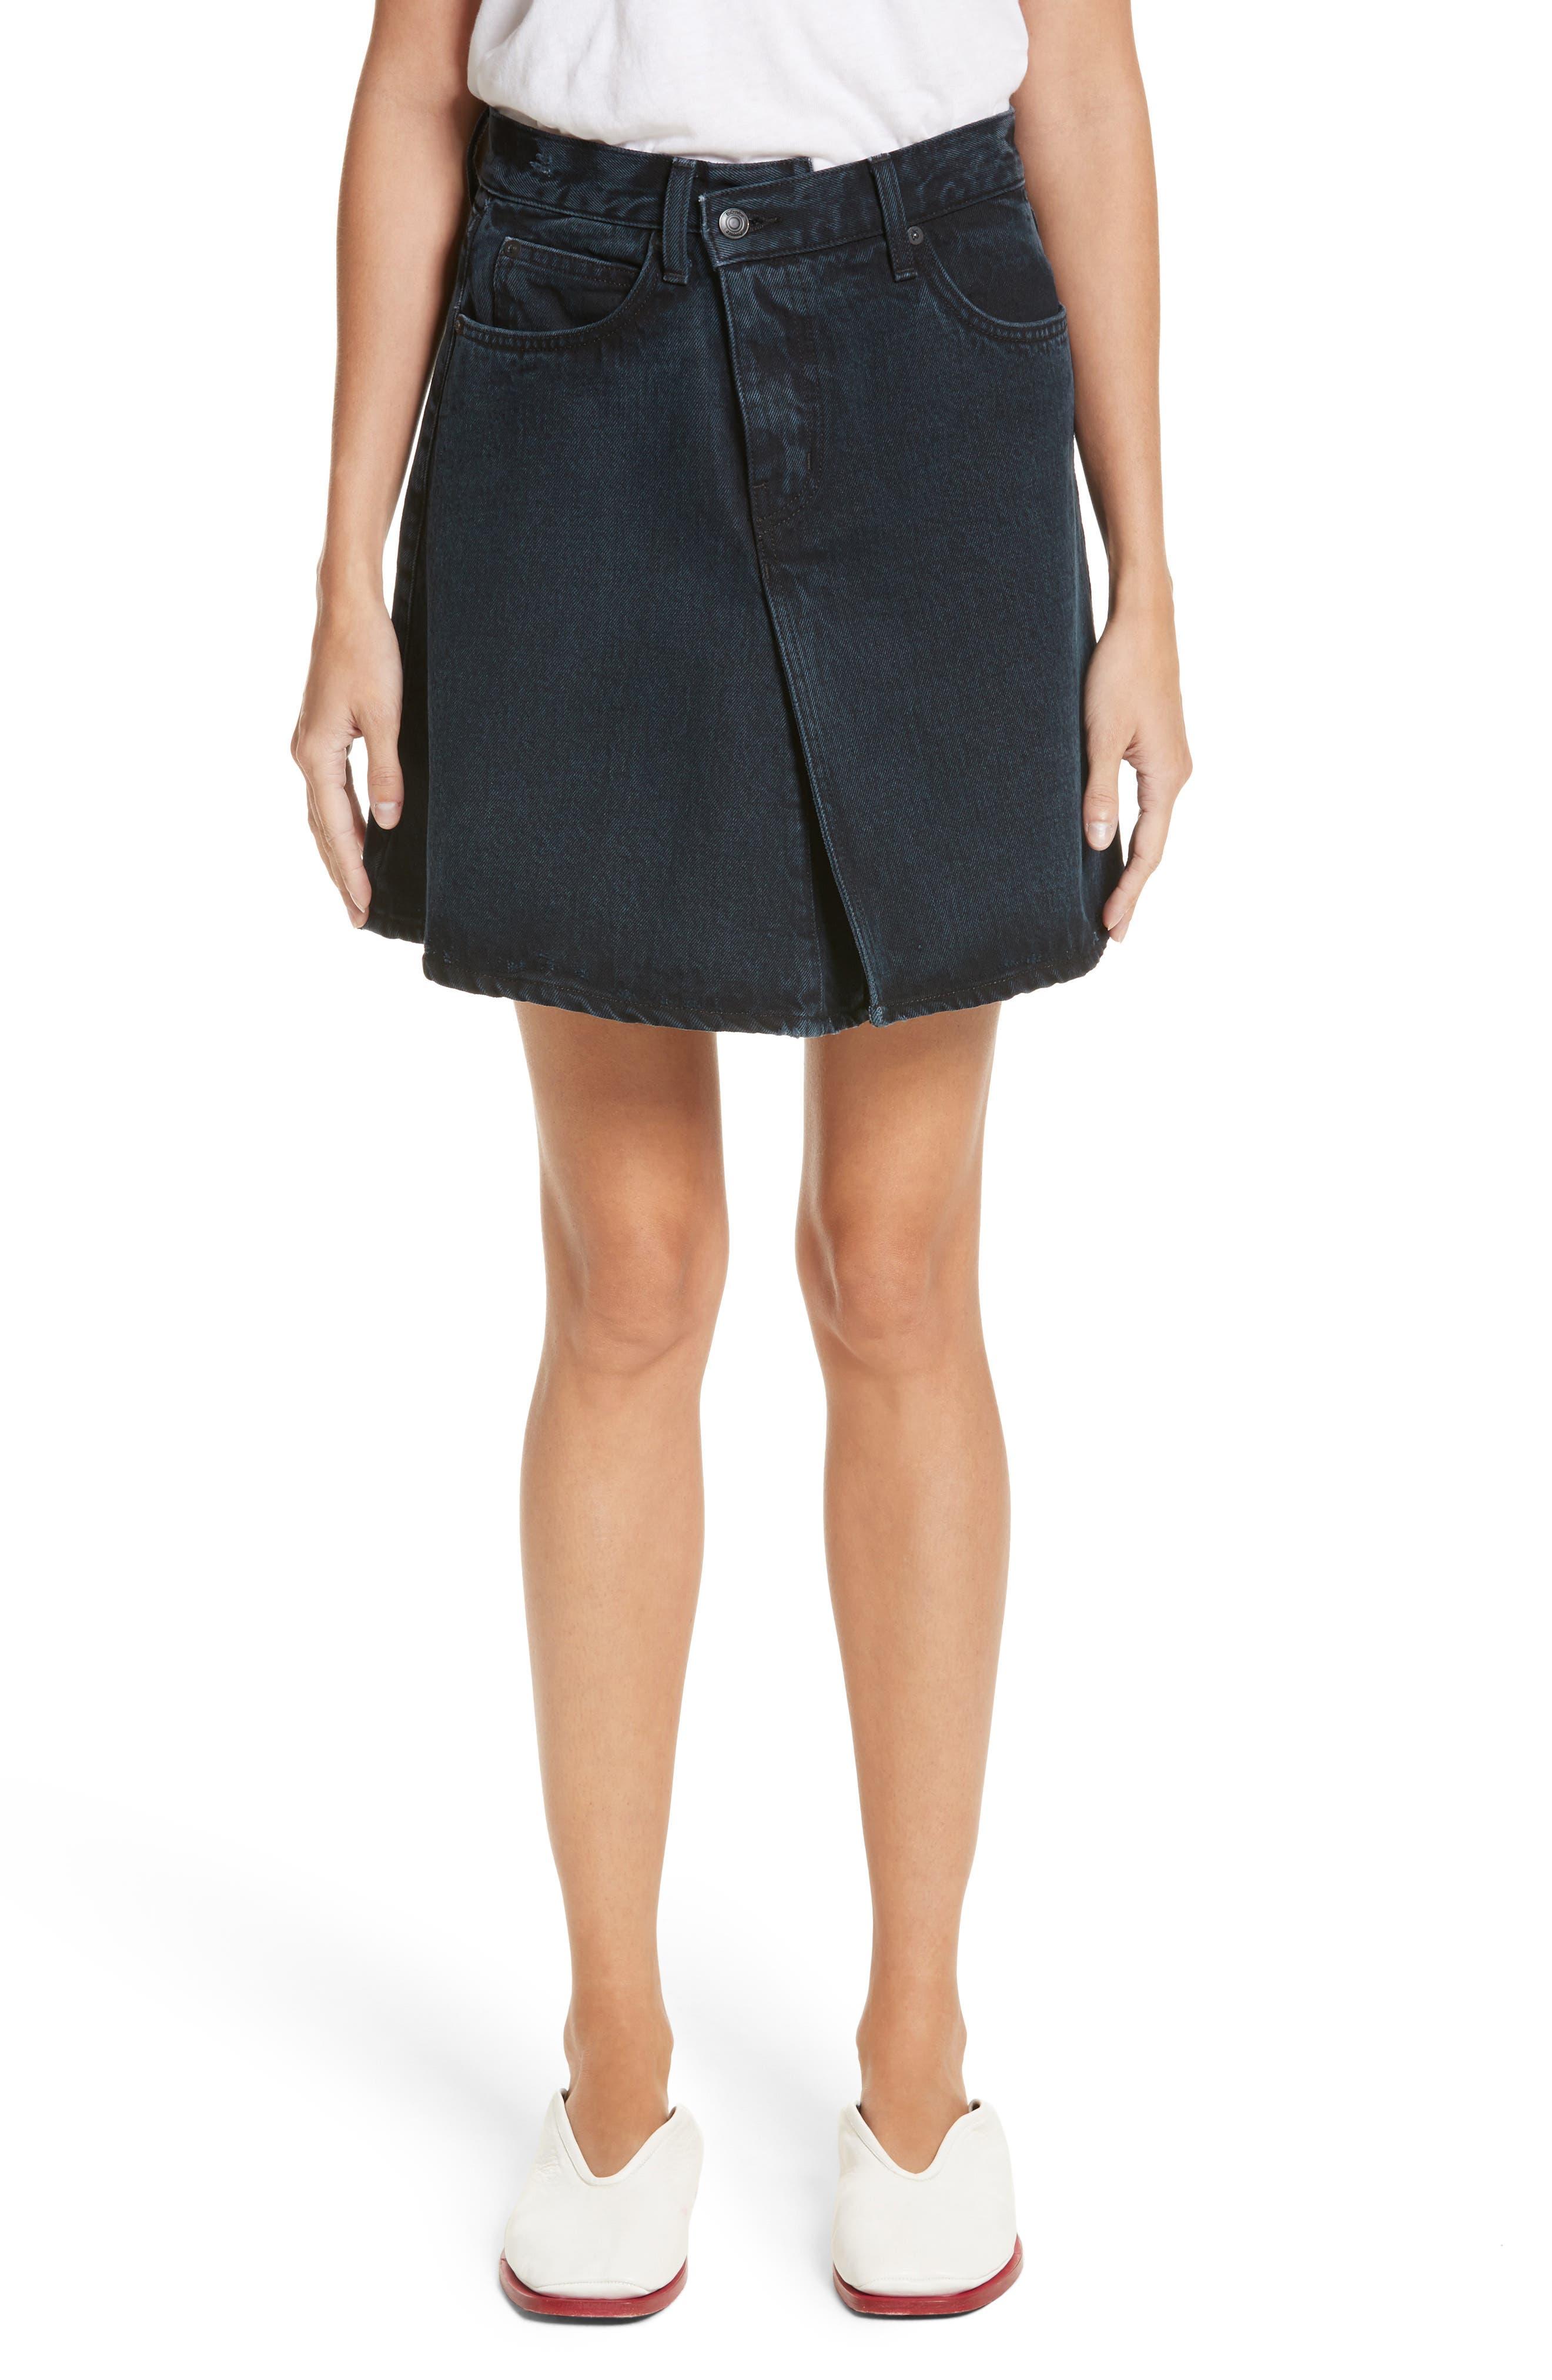 PSWL Folded Denim Skirt,                             Main thumbnail 1, color,